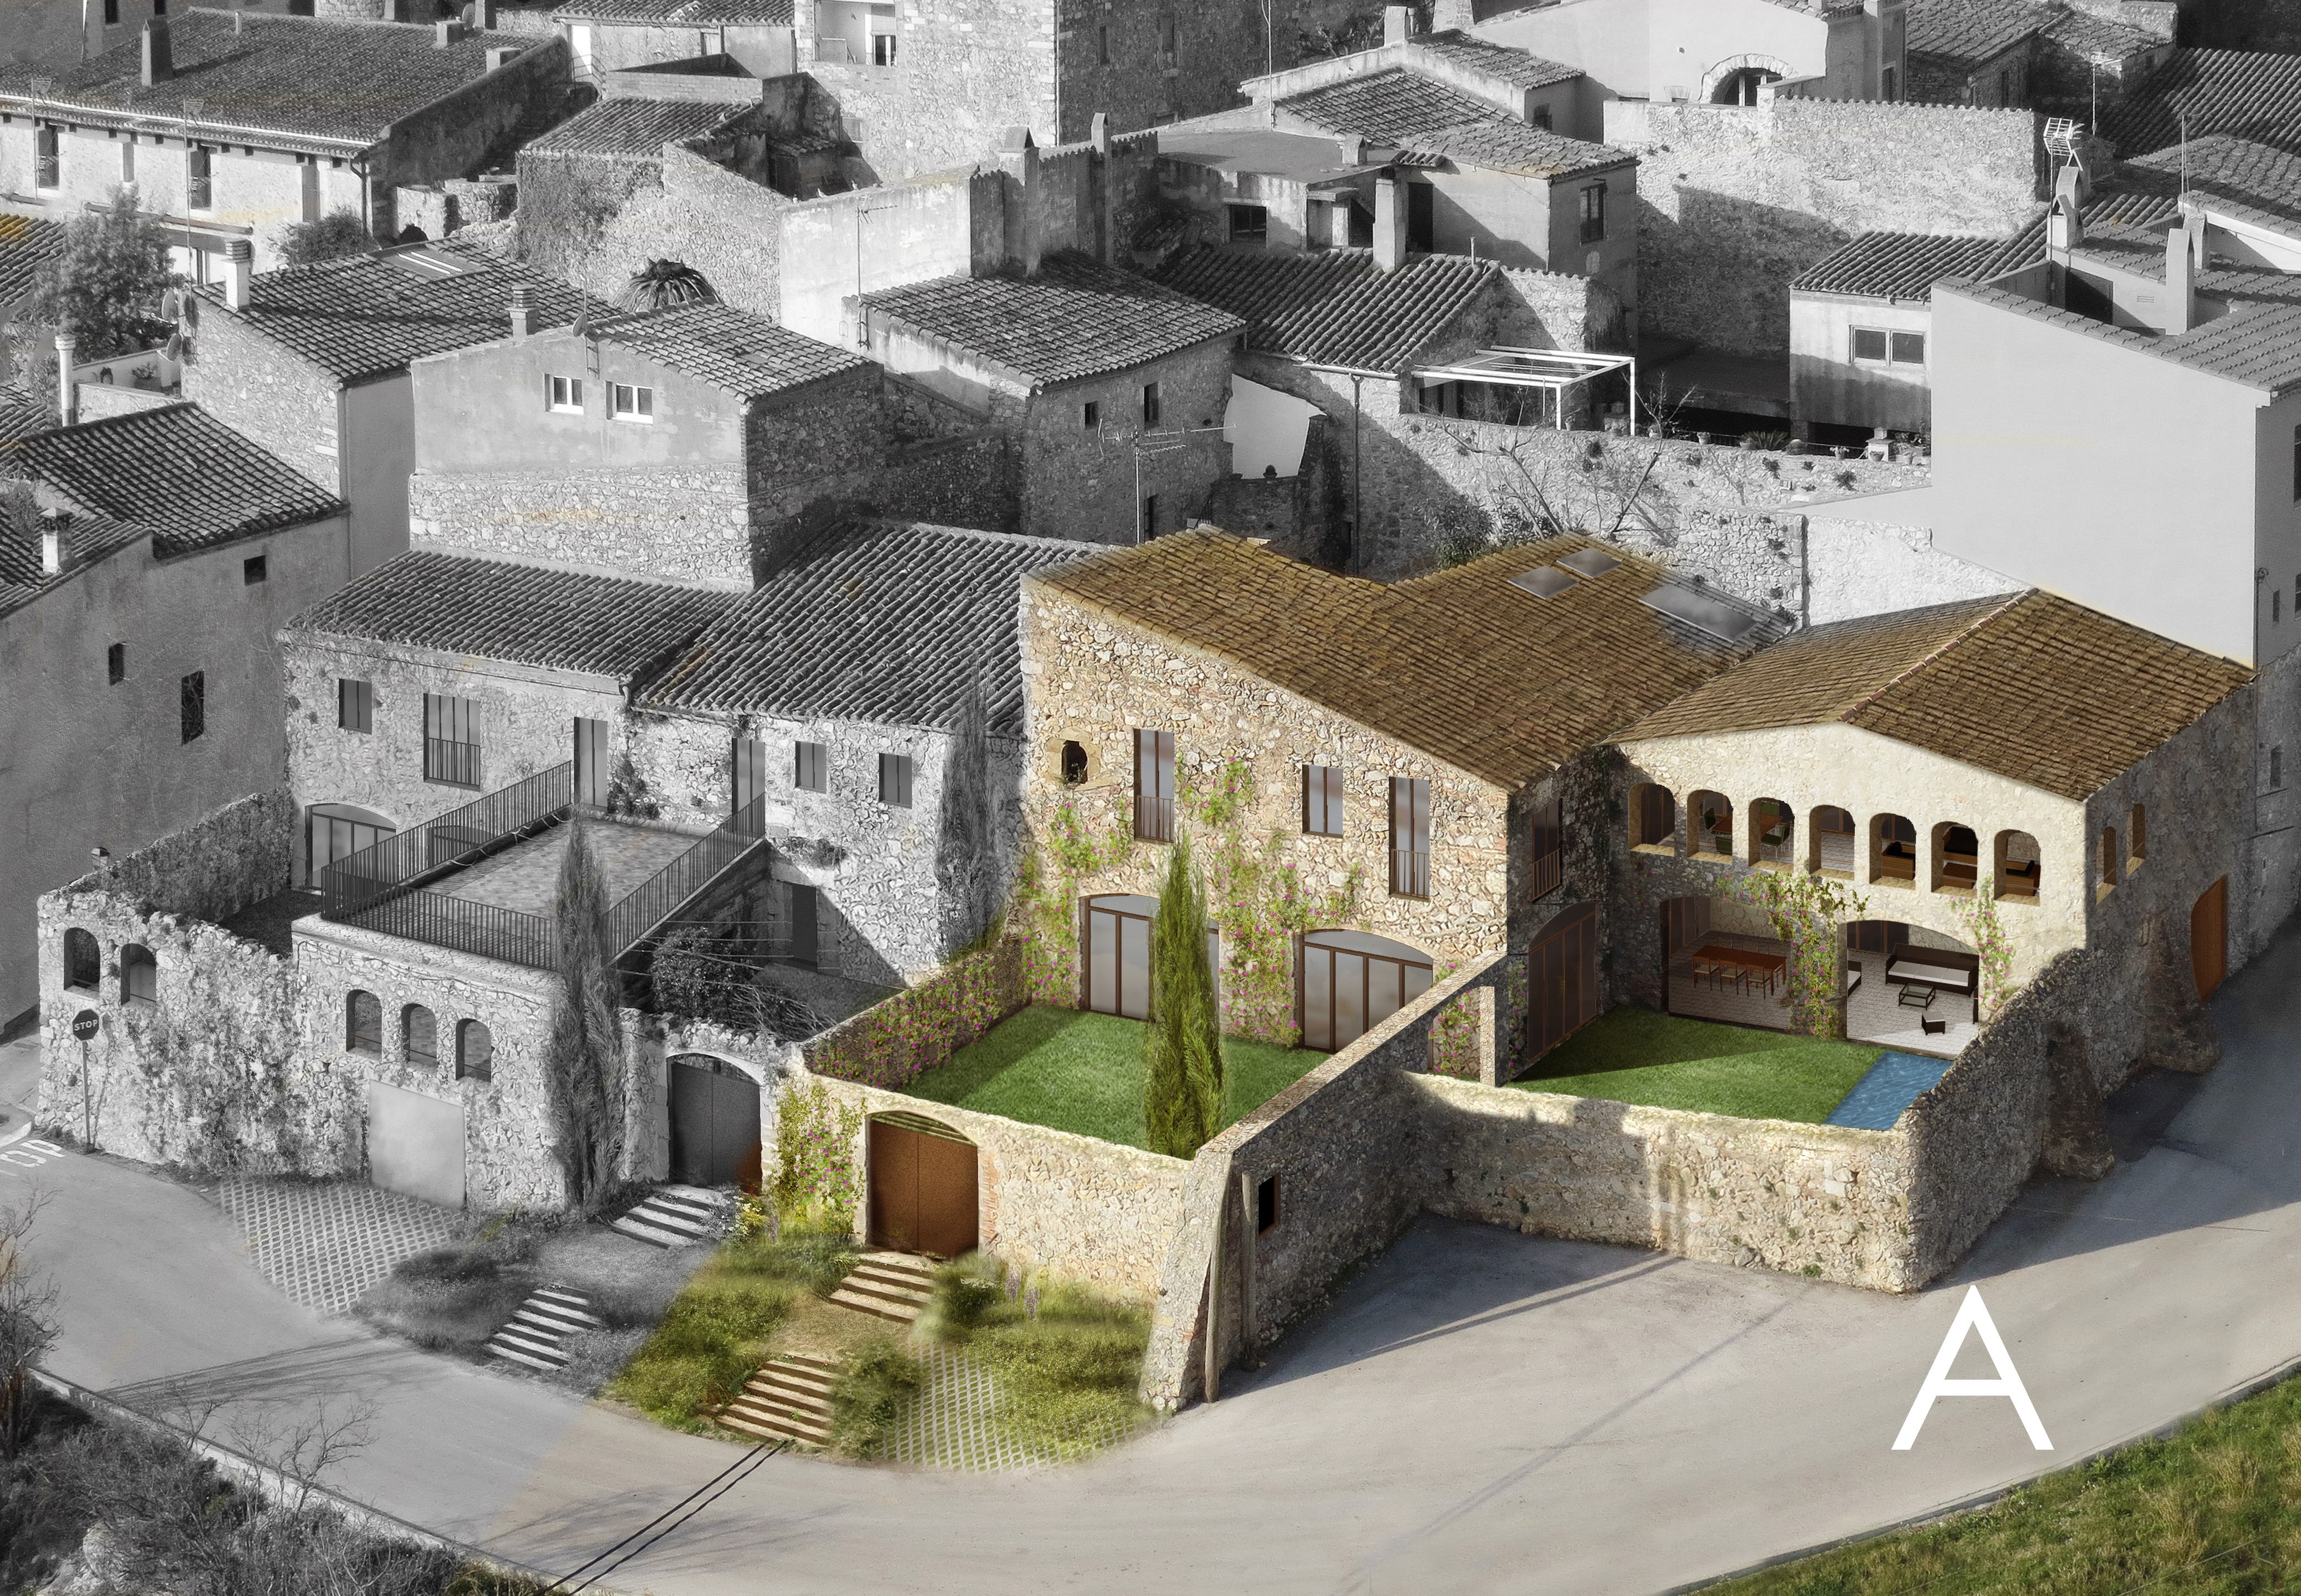 casa en venta Bellcaire calle nord cases singulars emporda BAix Emporda Girona